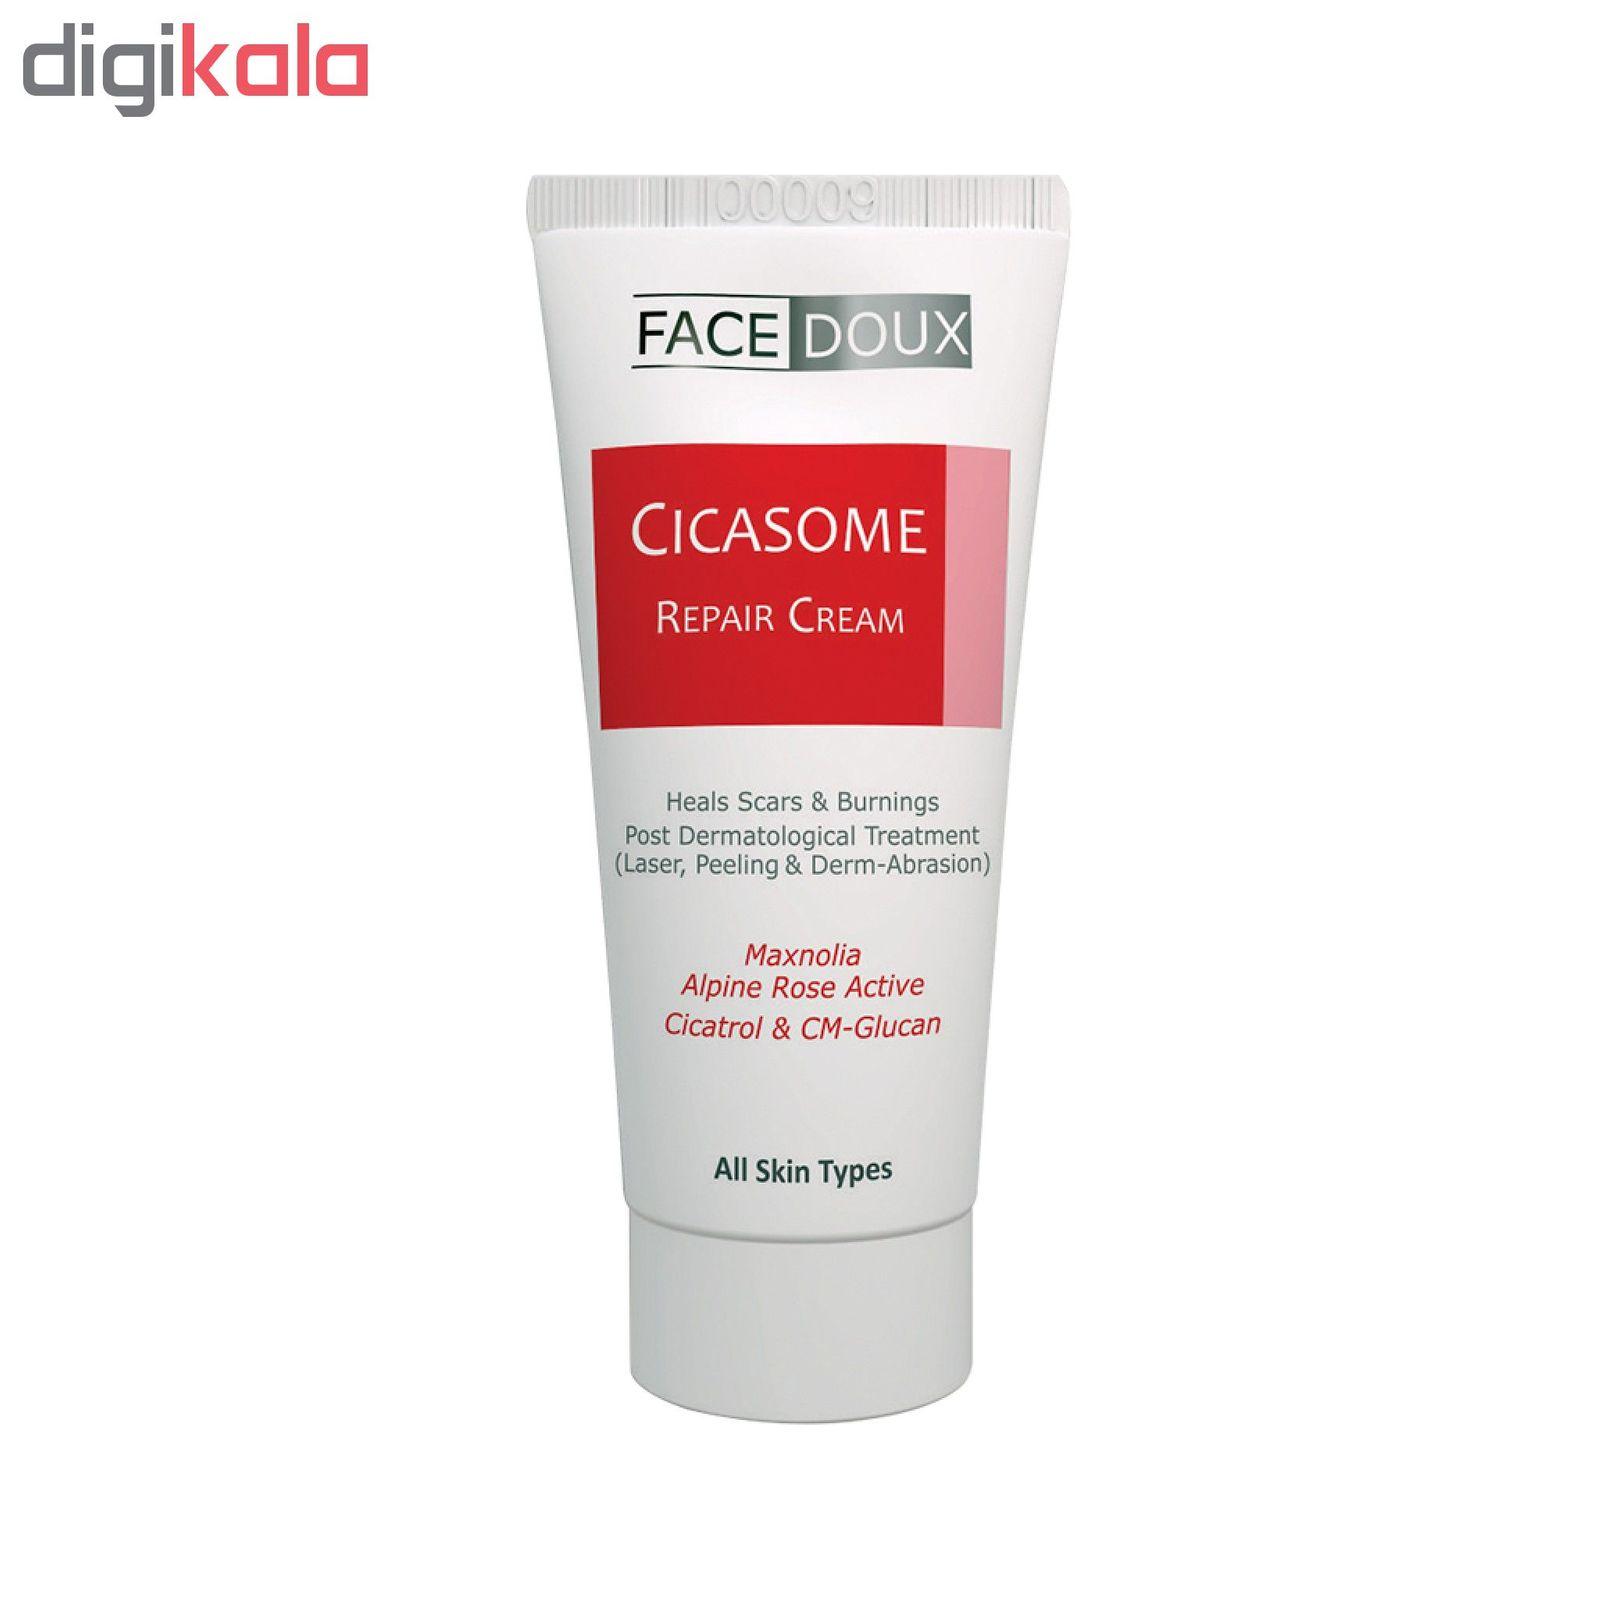 کرم ترمیم کننده فیس دوکس سری Cicasome مدل Repair Cream حجم ۳۰ میلی لیتر main 1 1